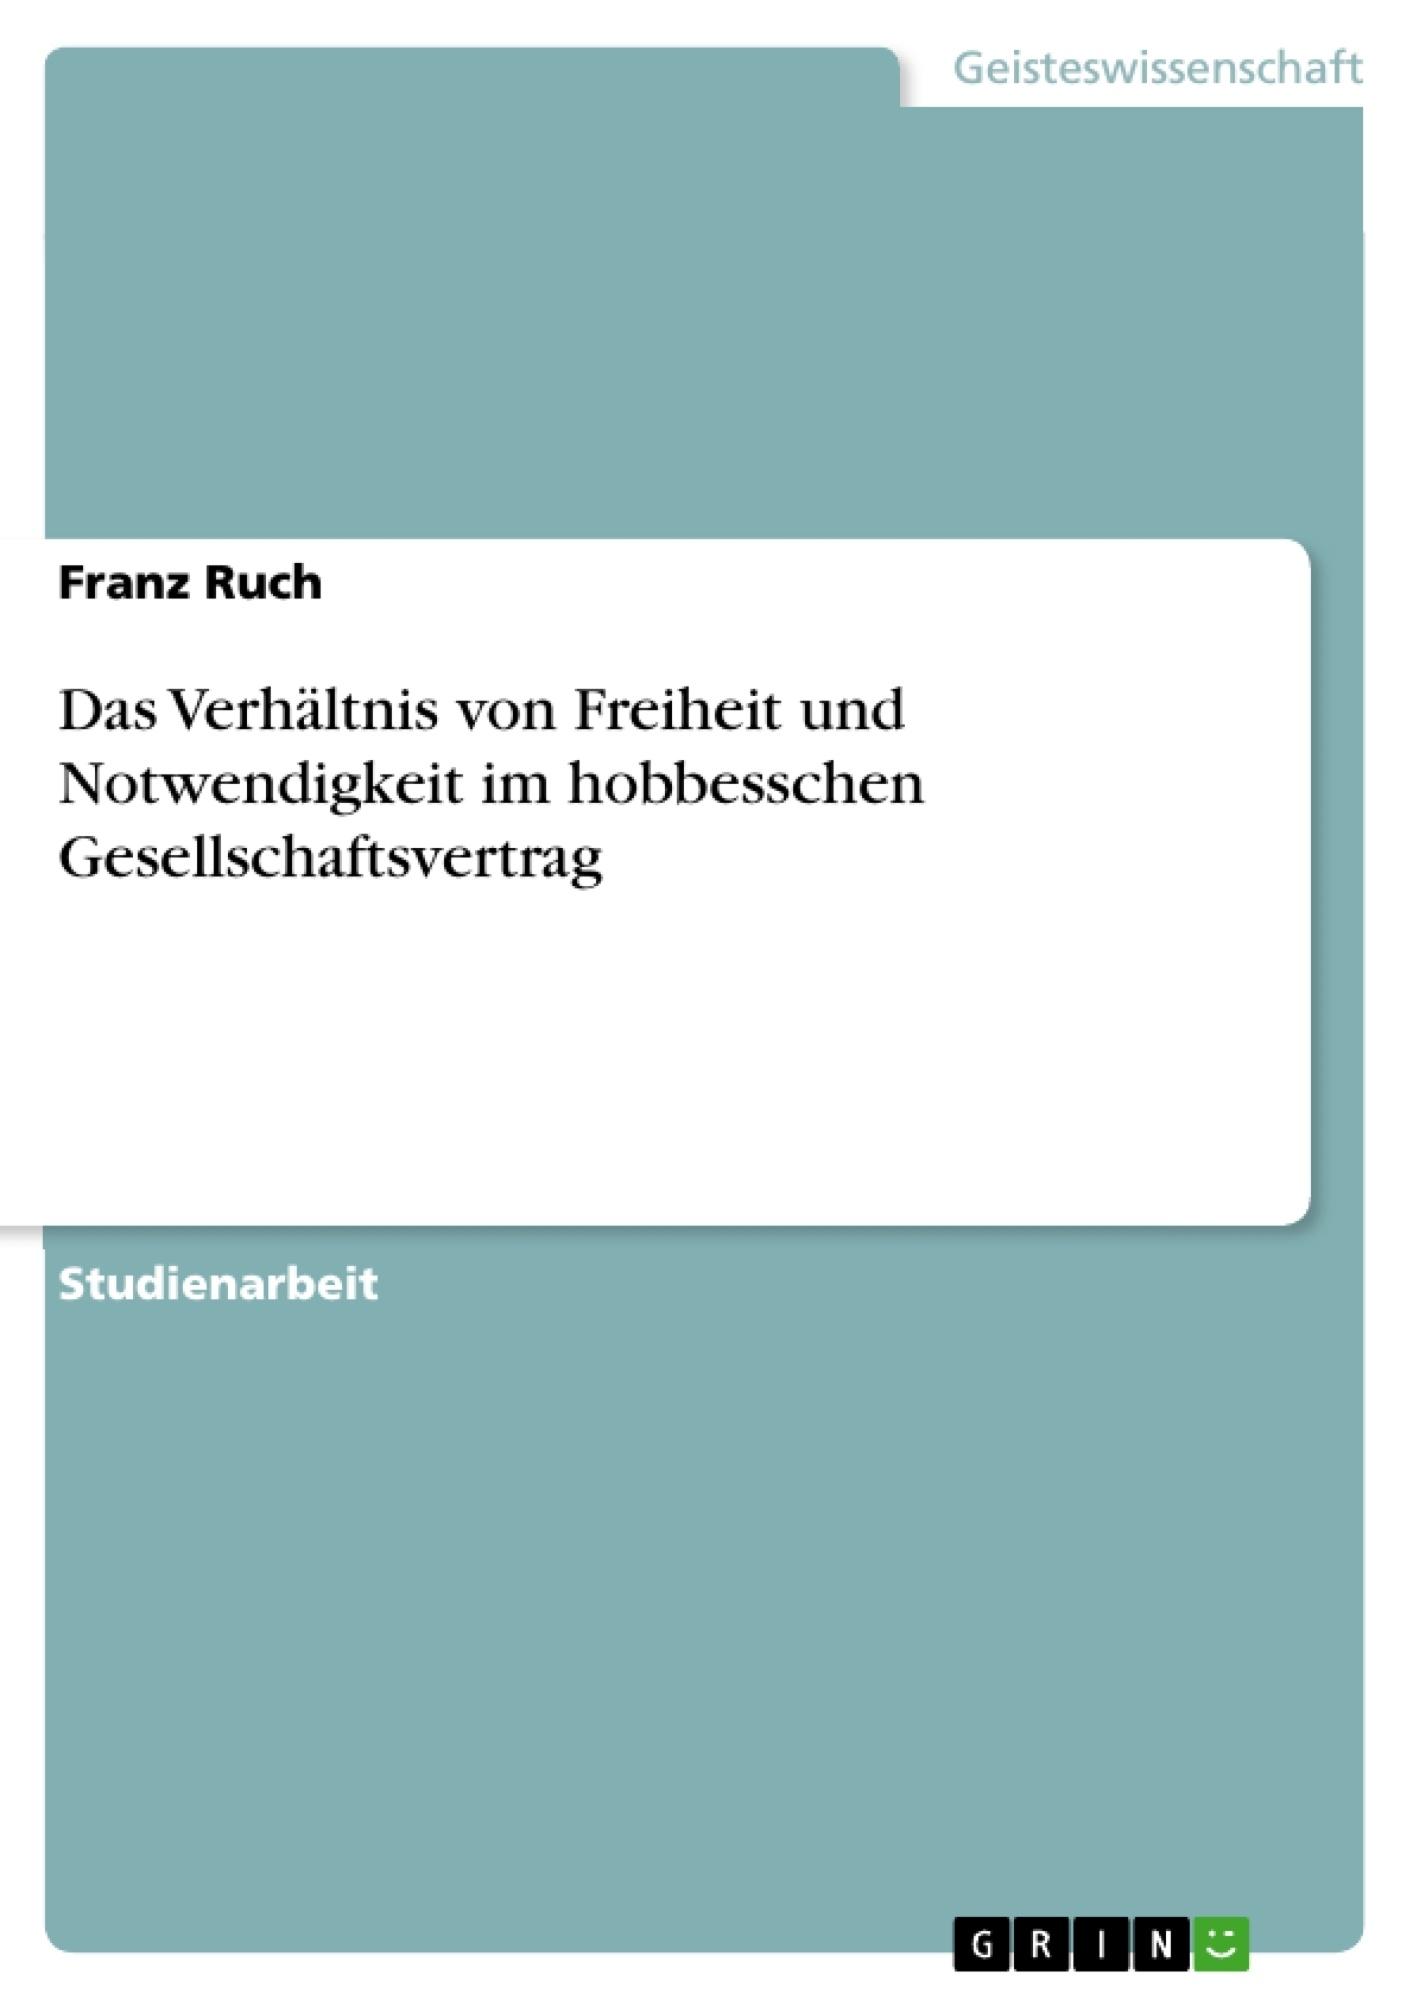 Titel: Das Verhältnis von Freiheit und Notwendigkeit im hobbesschen Gesellschaftsvertrag